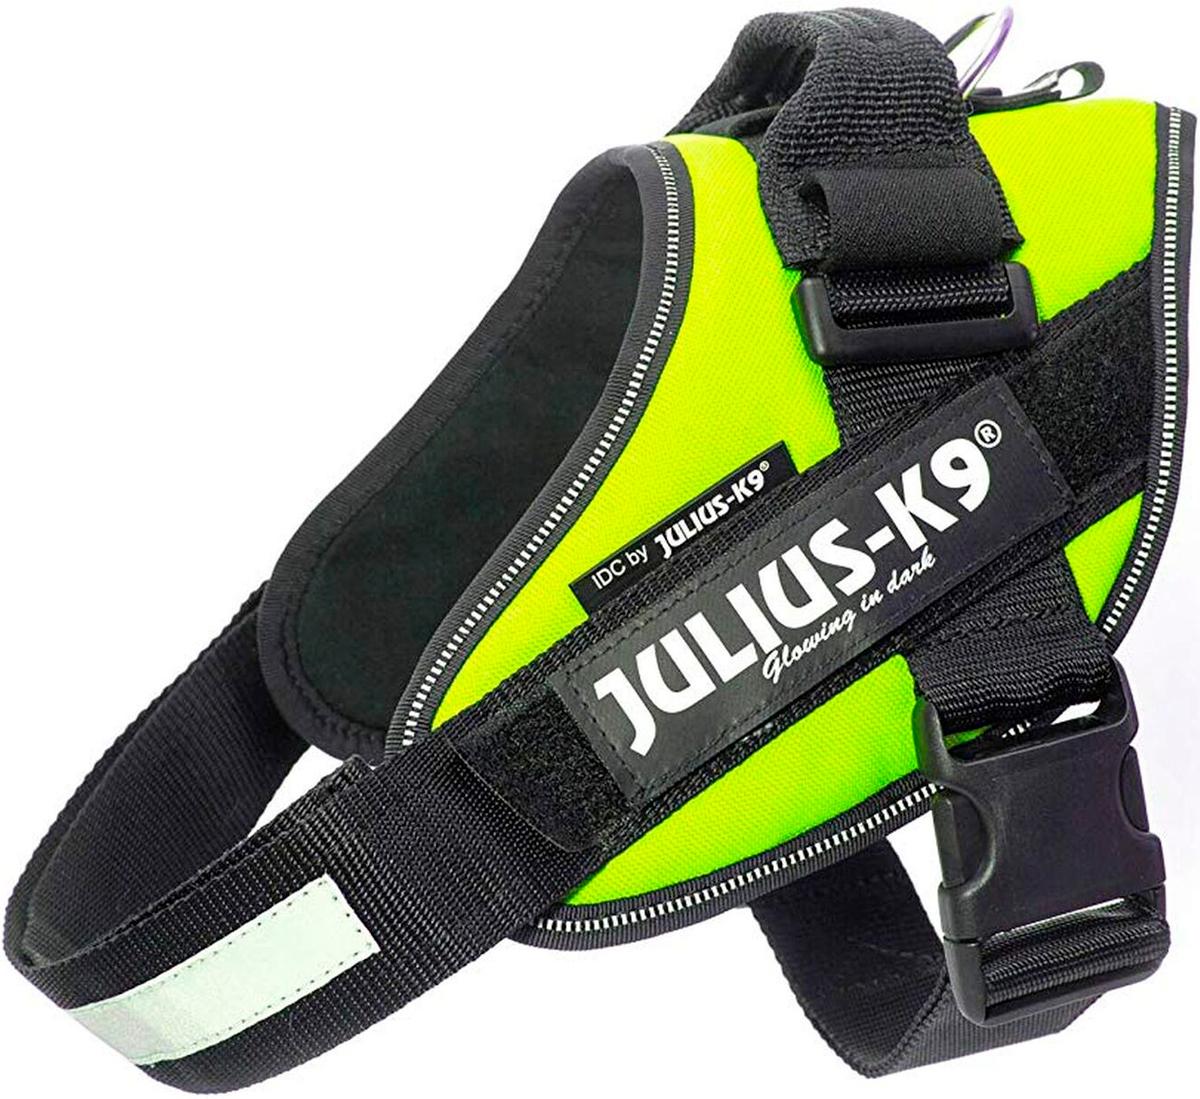 Шлейка для собак Julius-K9 Idc Powerharness 2 зеленый неон 28 - 40 кг 71 – 96 см (1 шт)